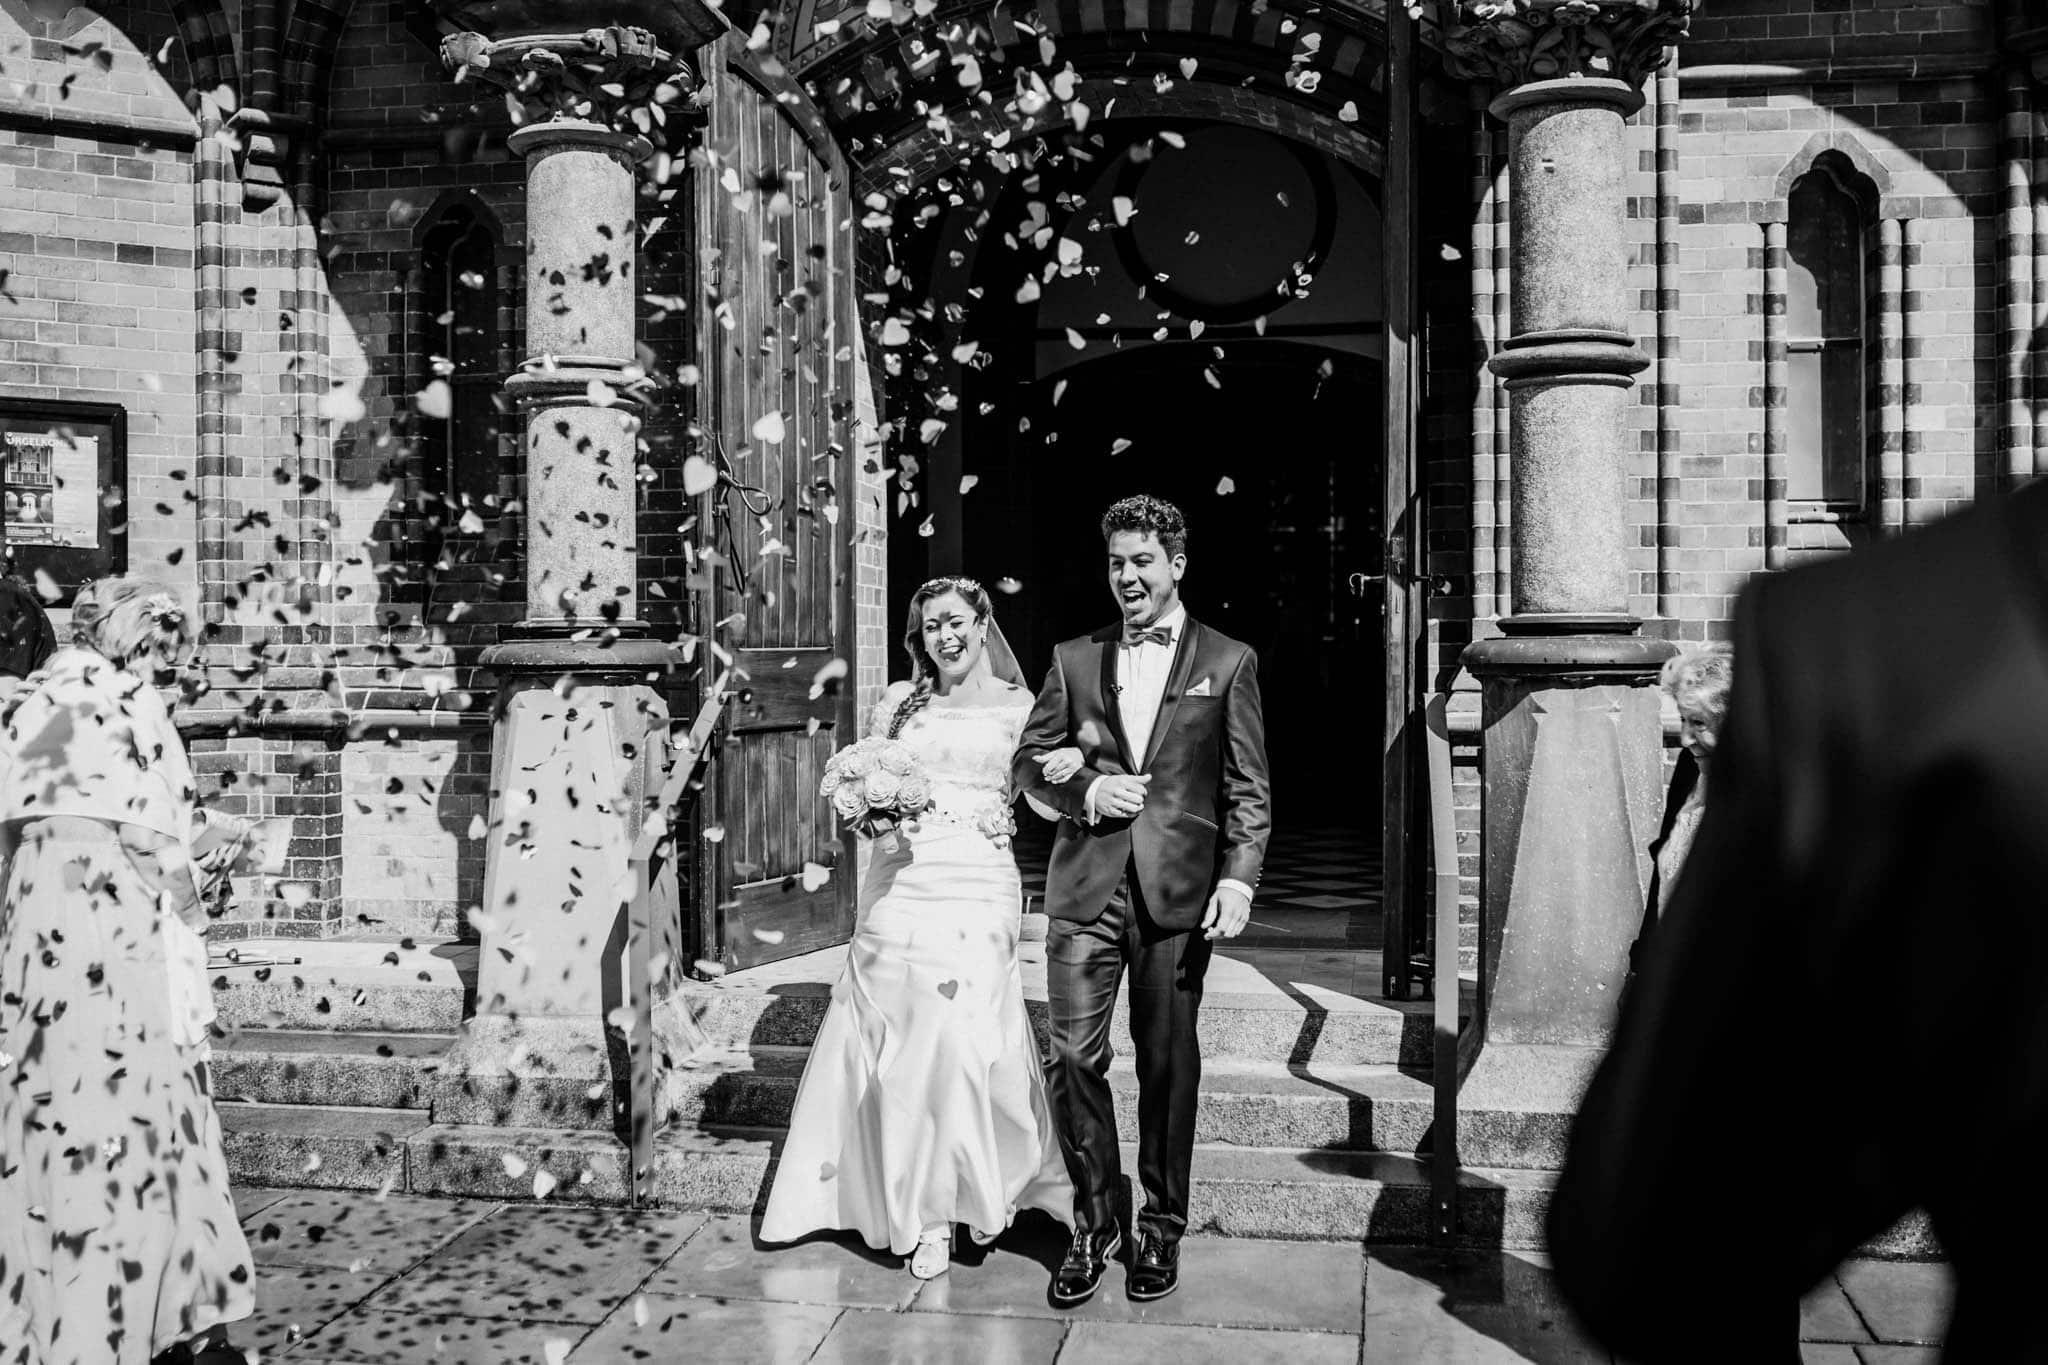 Hochzeitsfieber by Photo-Schomburg, Wedding, Hochzeitsfotograf, Hochzeitspaar, Braut, Bräutigam, Hochzeitstag, Hamburg, Landungsbrücken, Hafenliebe-70